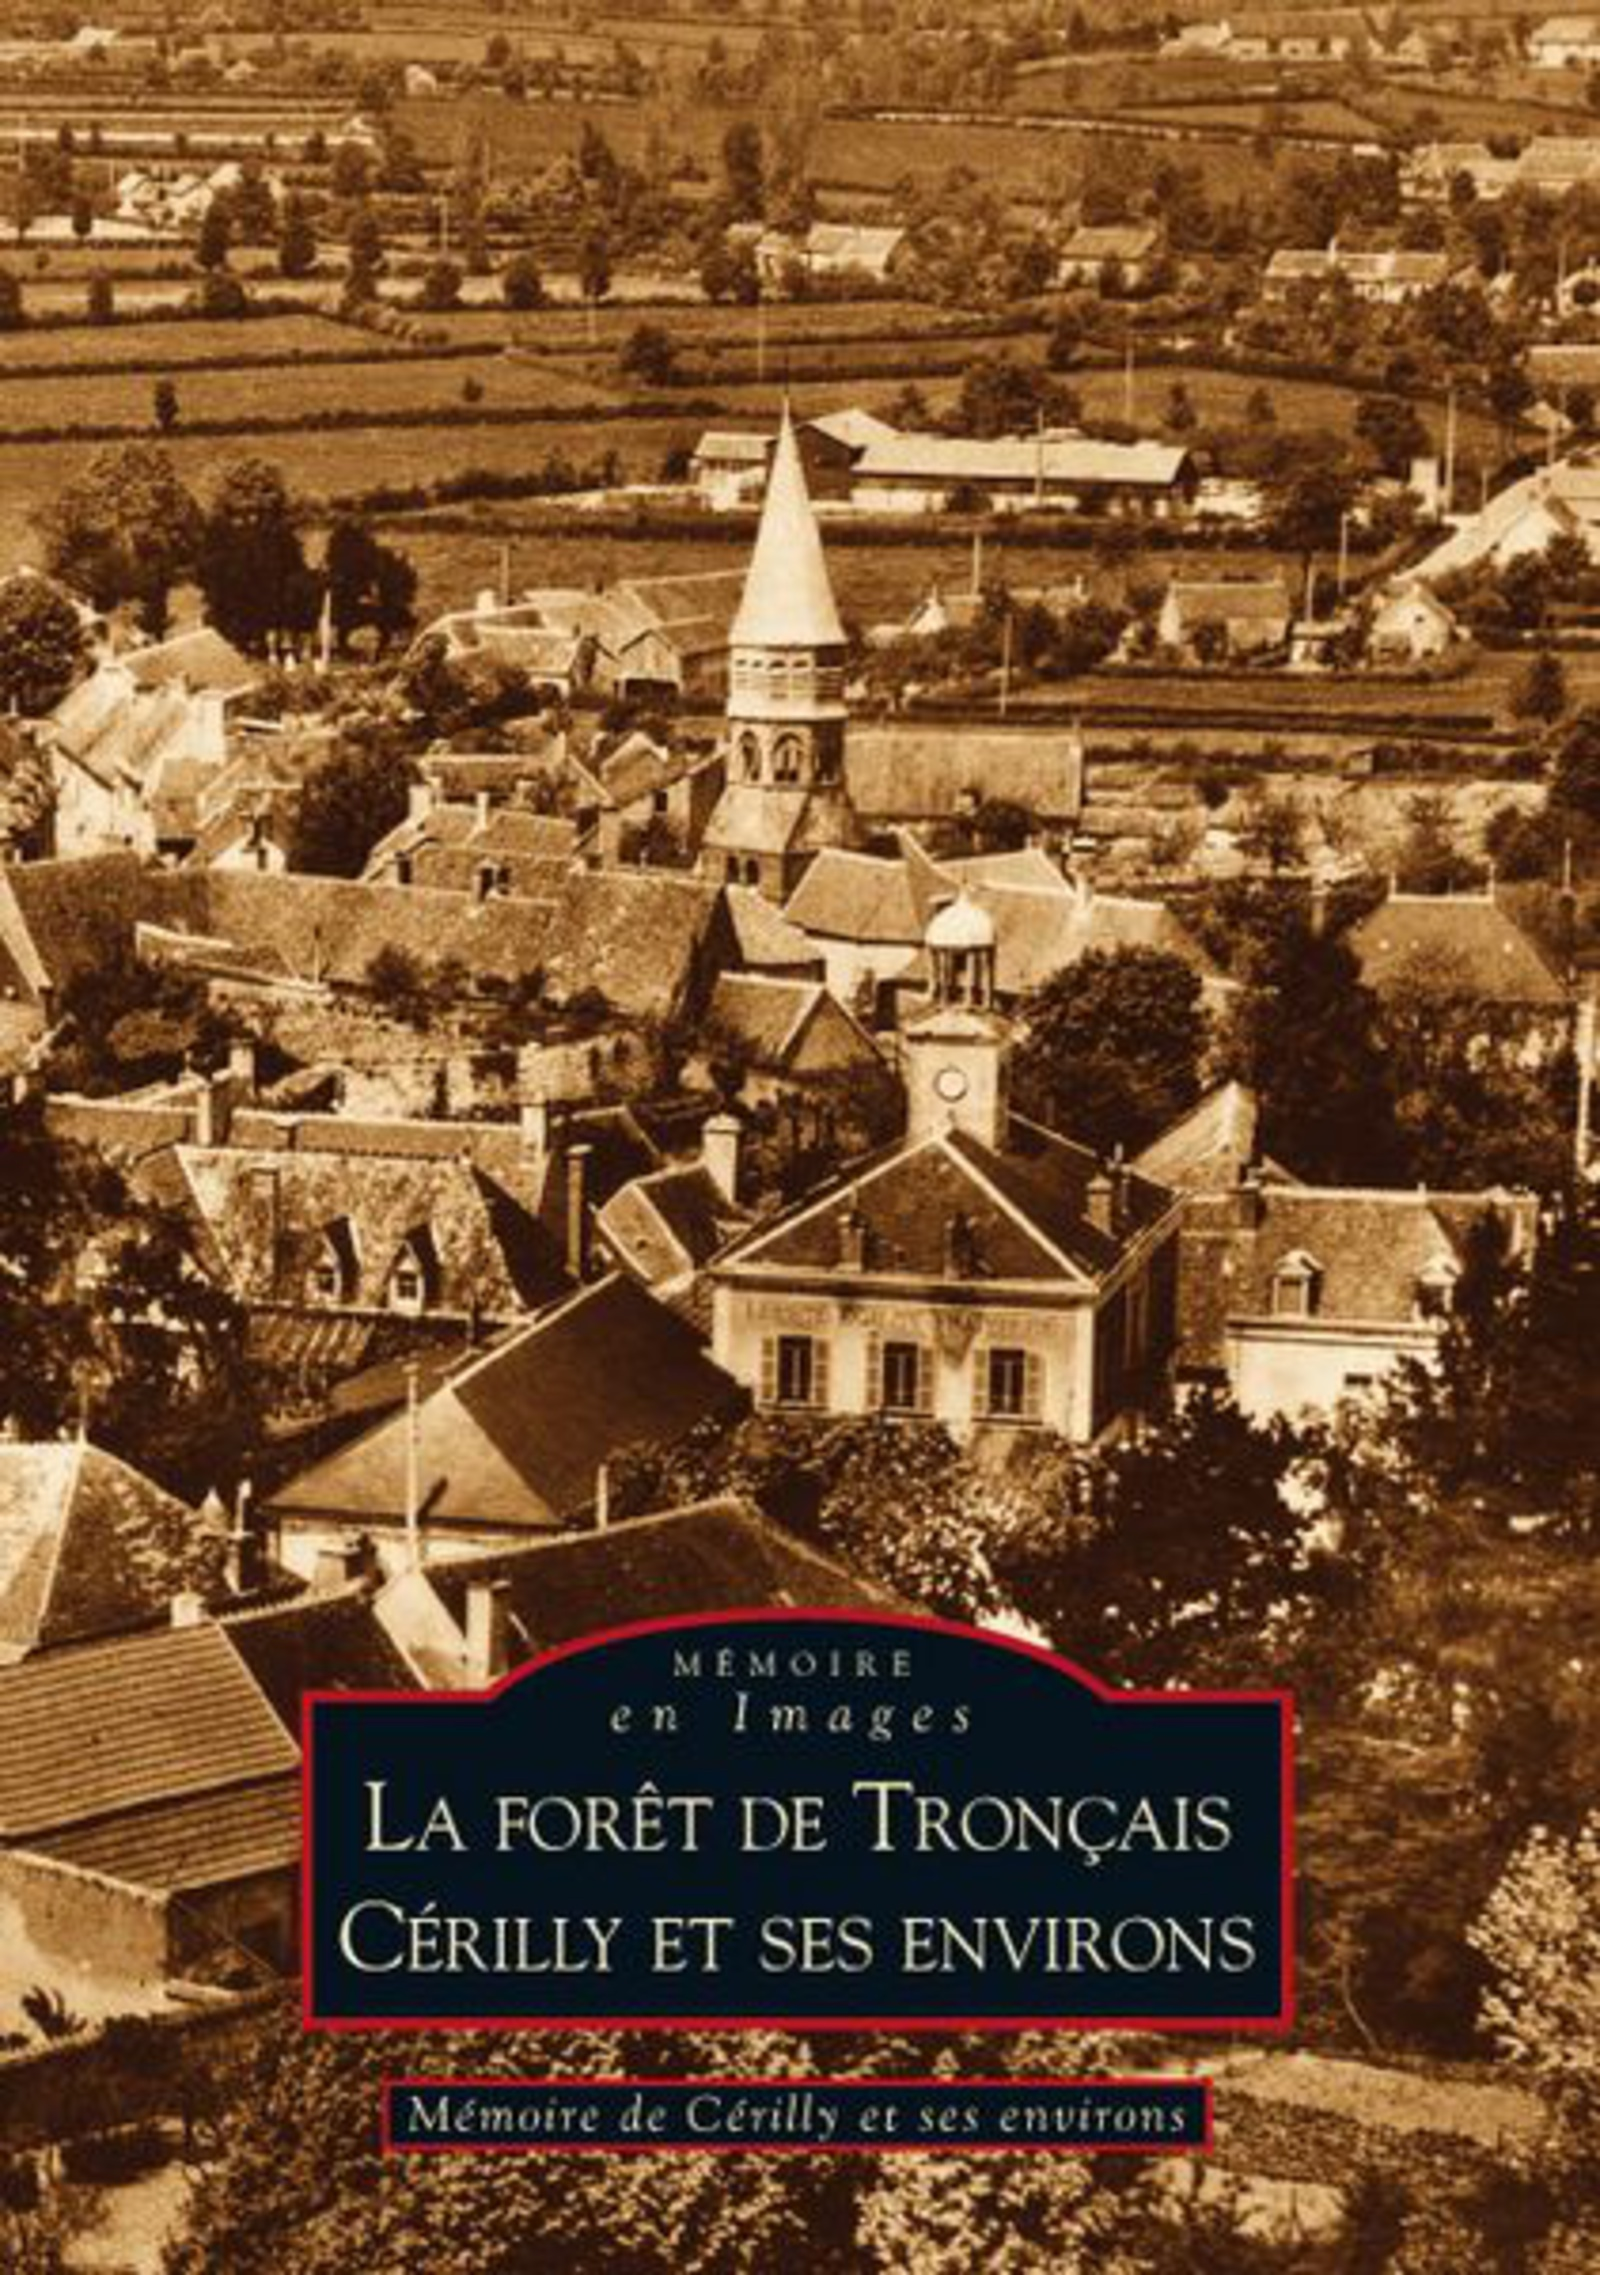 FORET DE TRONCAIS (LA) - CERILLY ET SES ENVIRONS